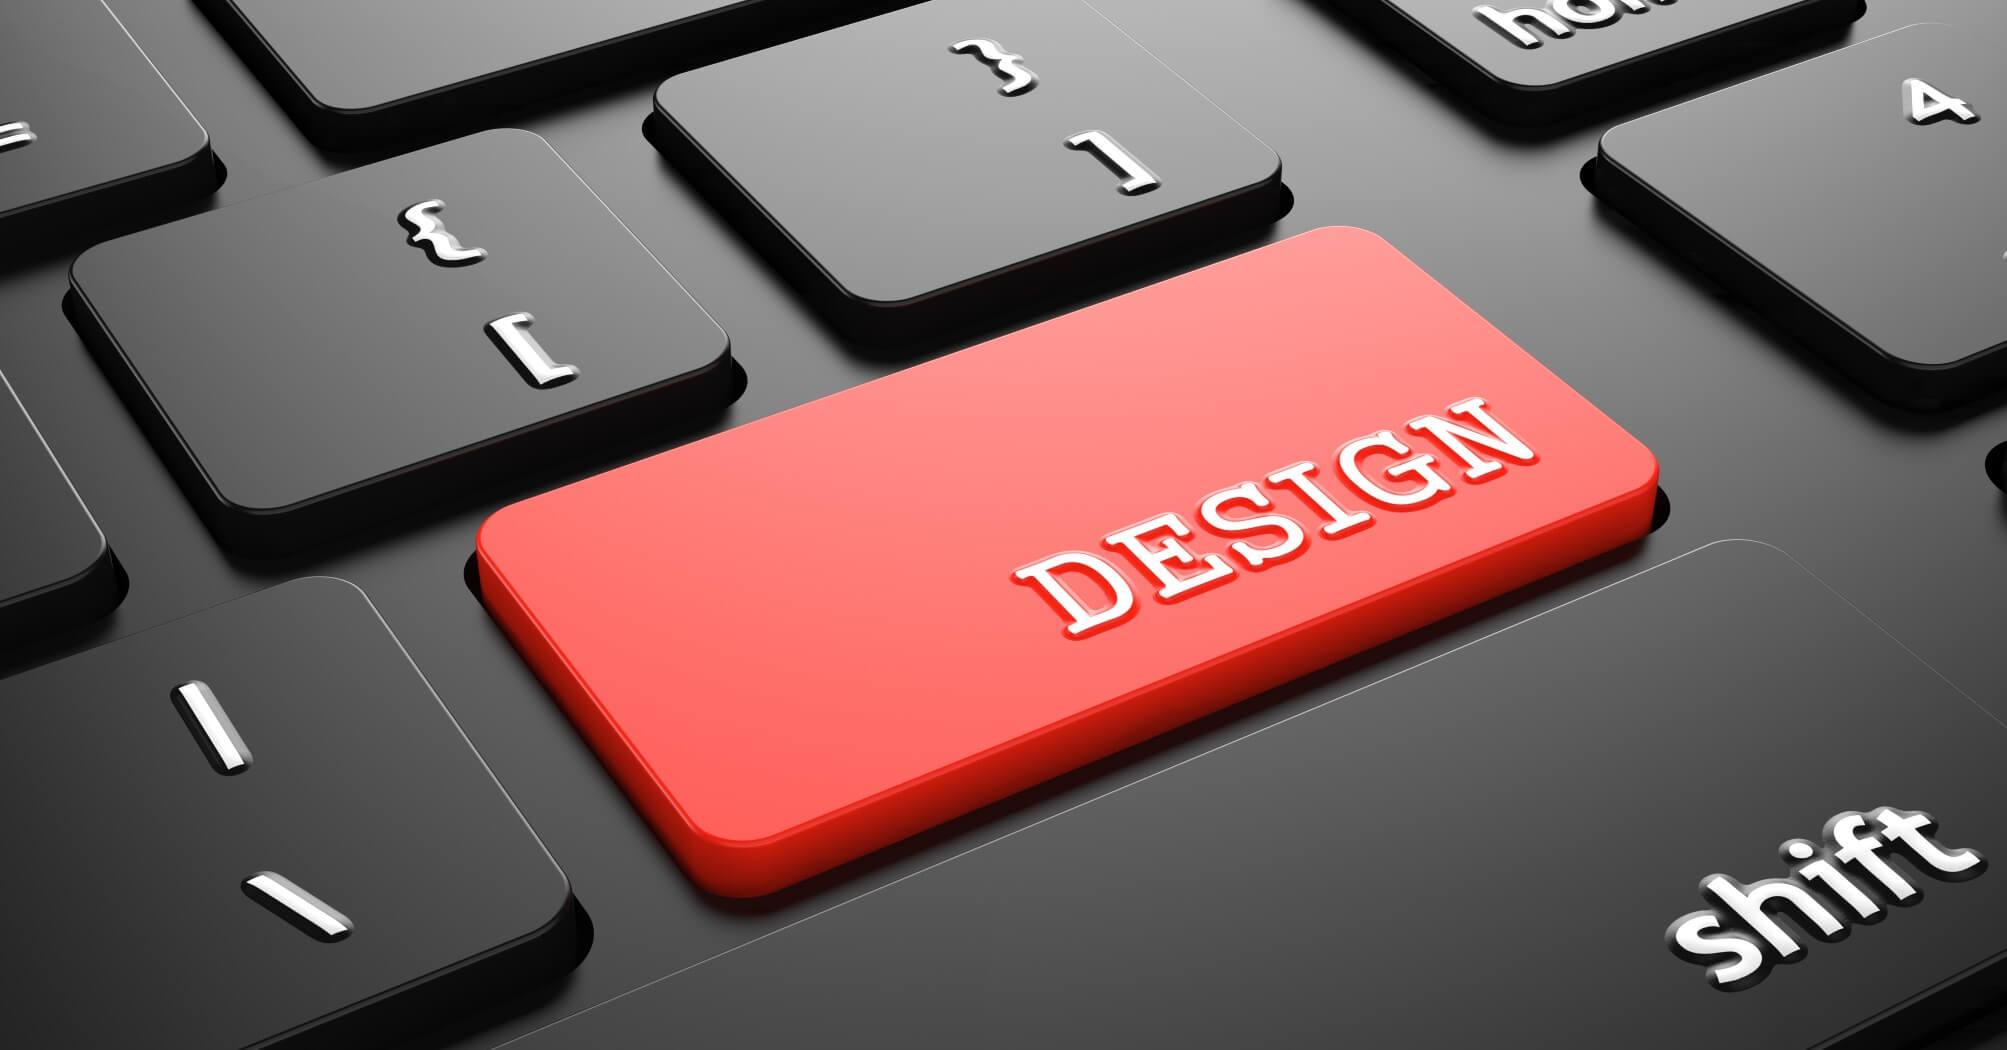 画像を利用して記事全体のデザイン性を上げよう!